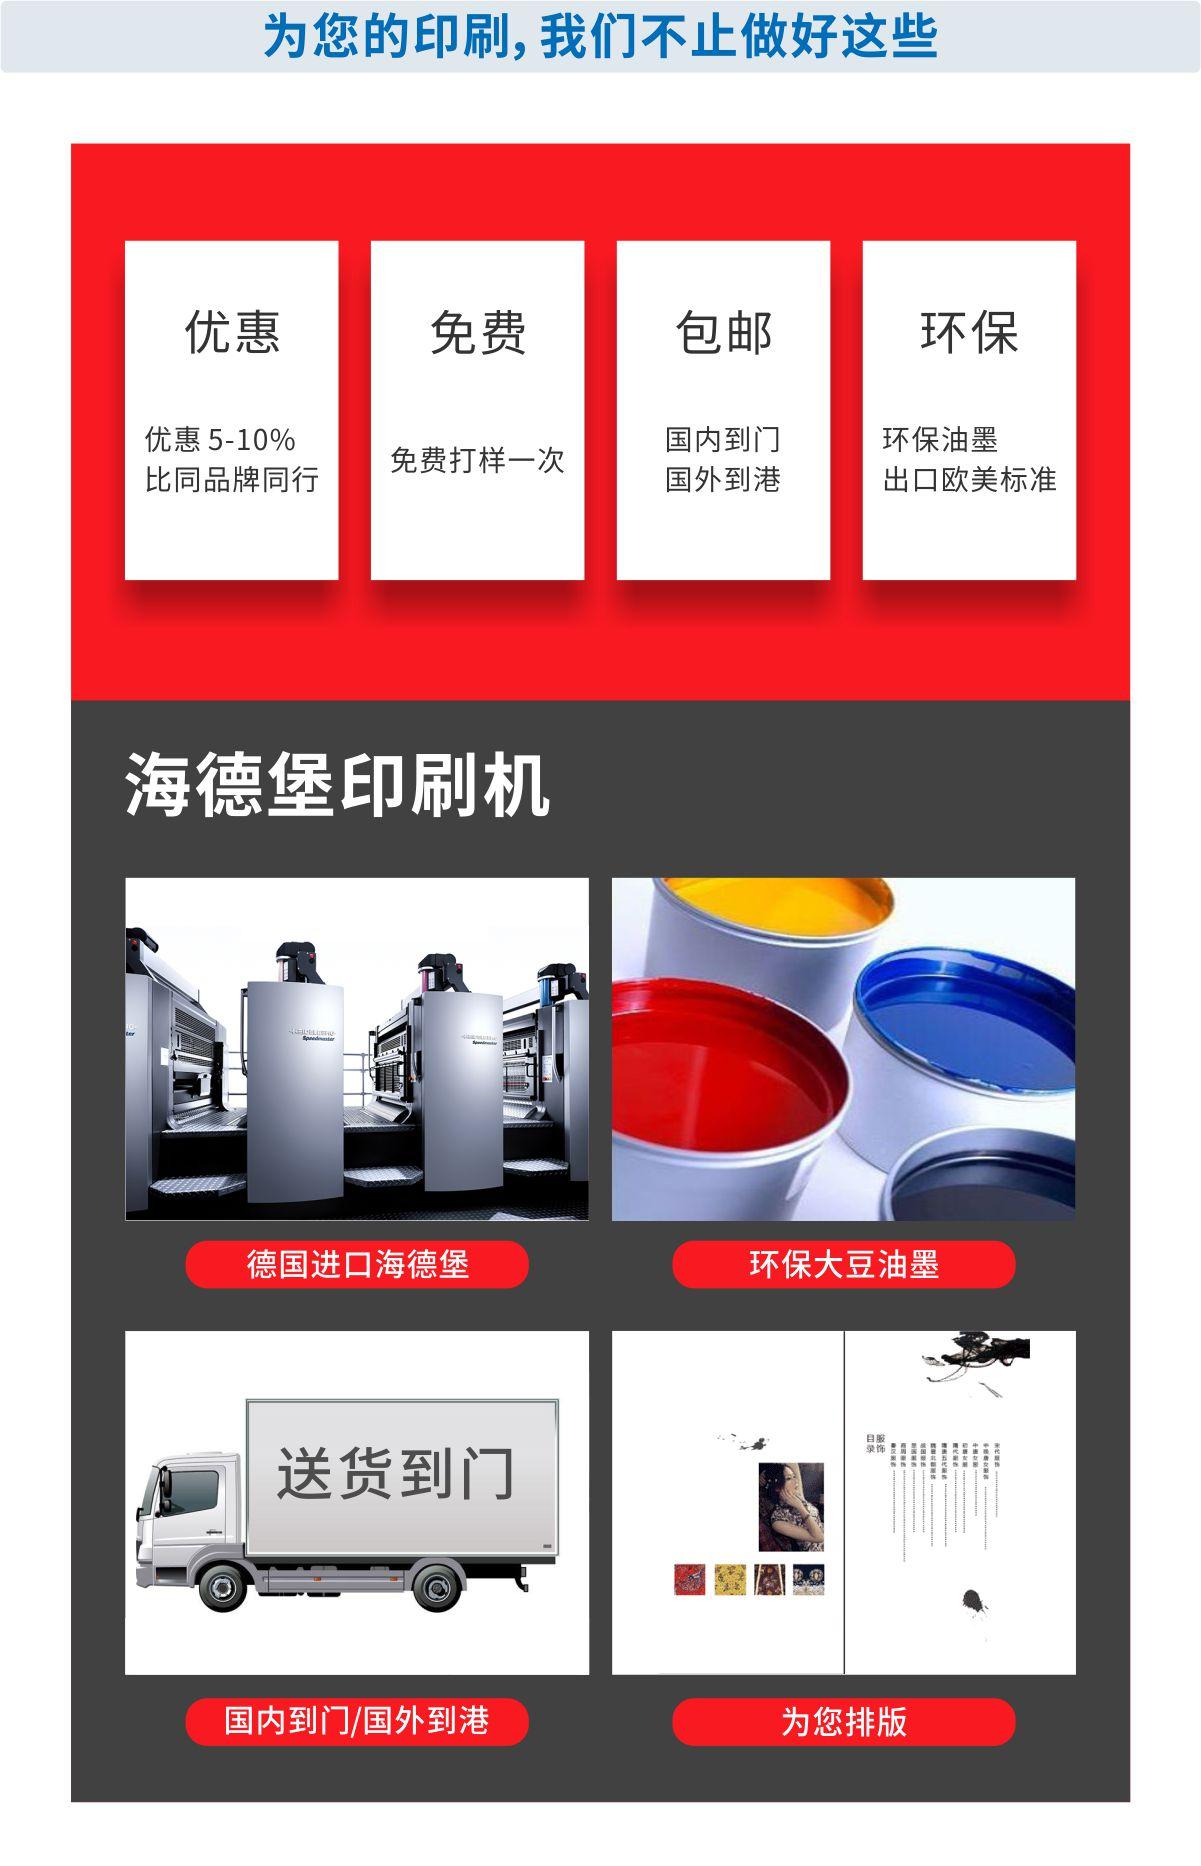 深圳企业画册印刷厂的优势